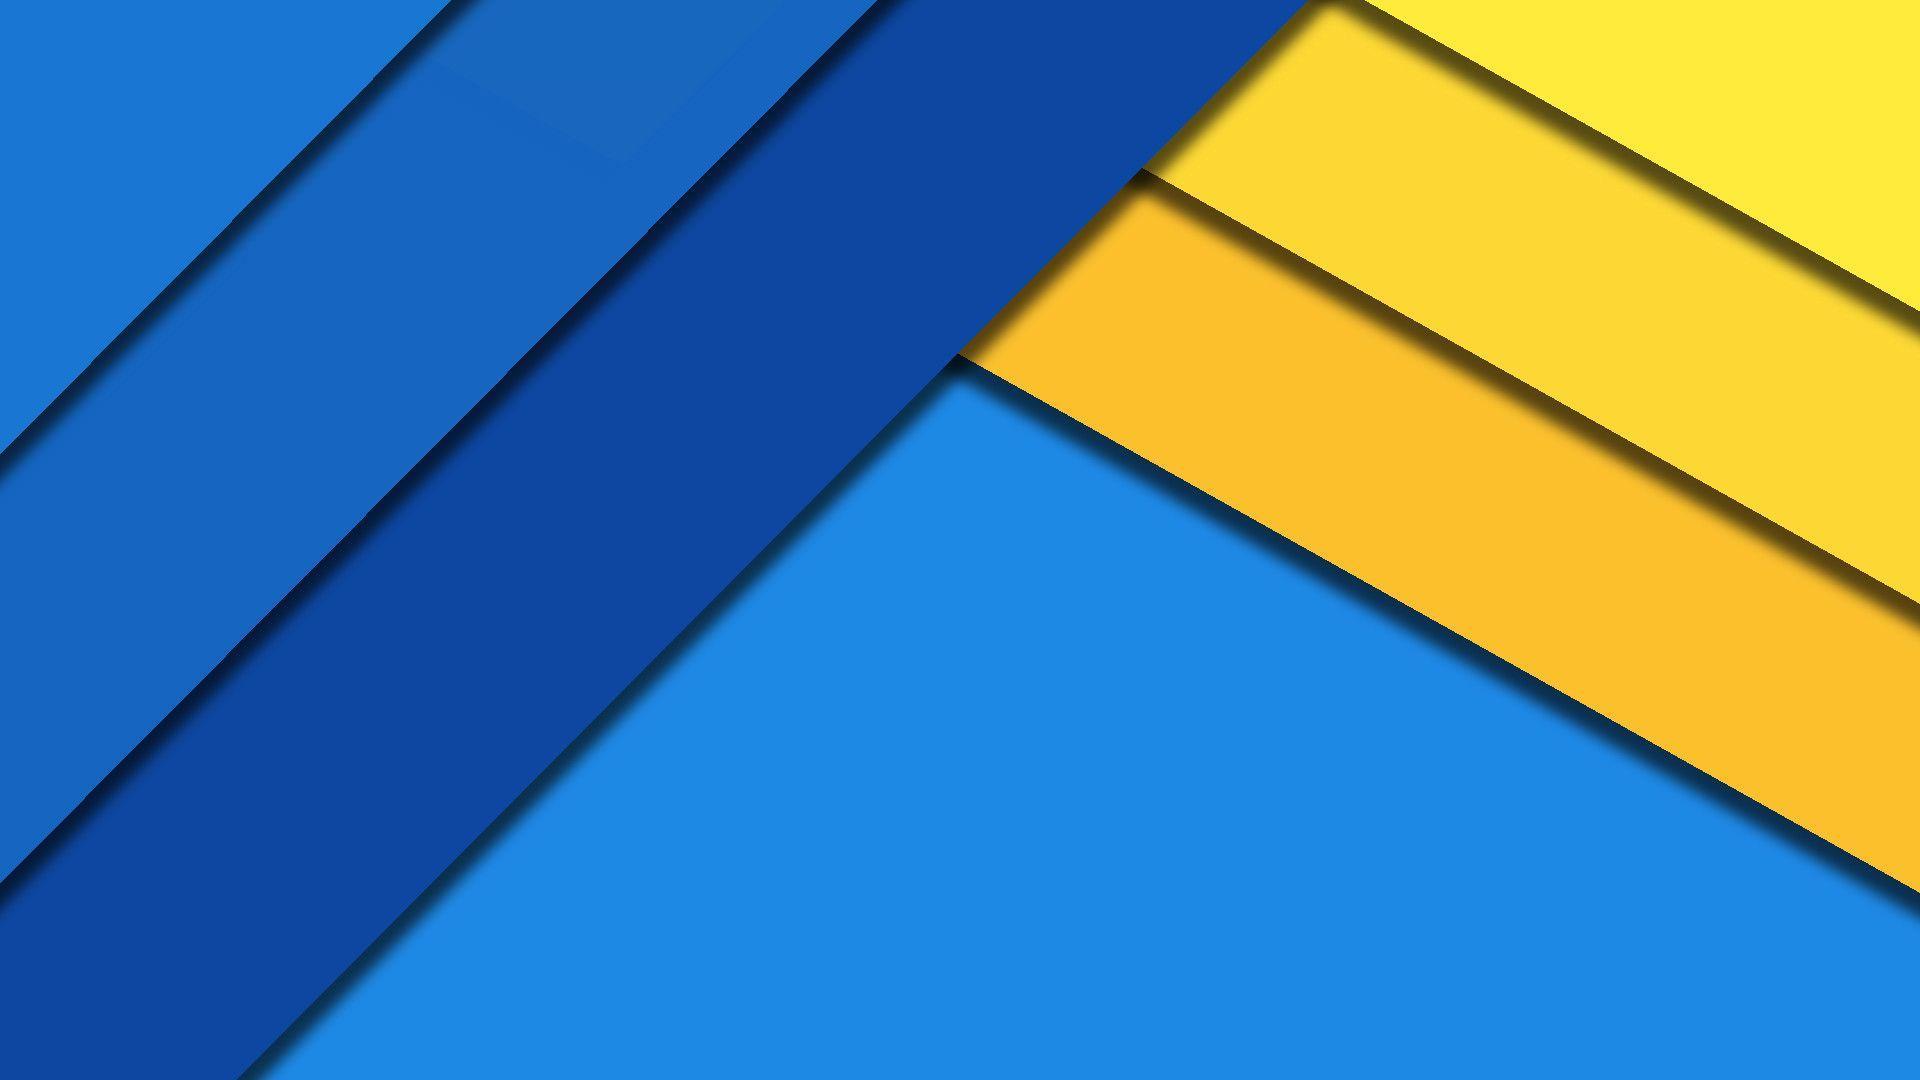 1920x1080 Hình nền màu vàng và xanh lam